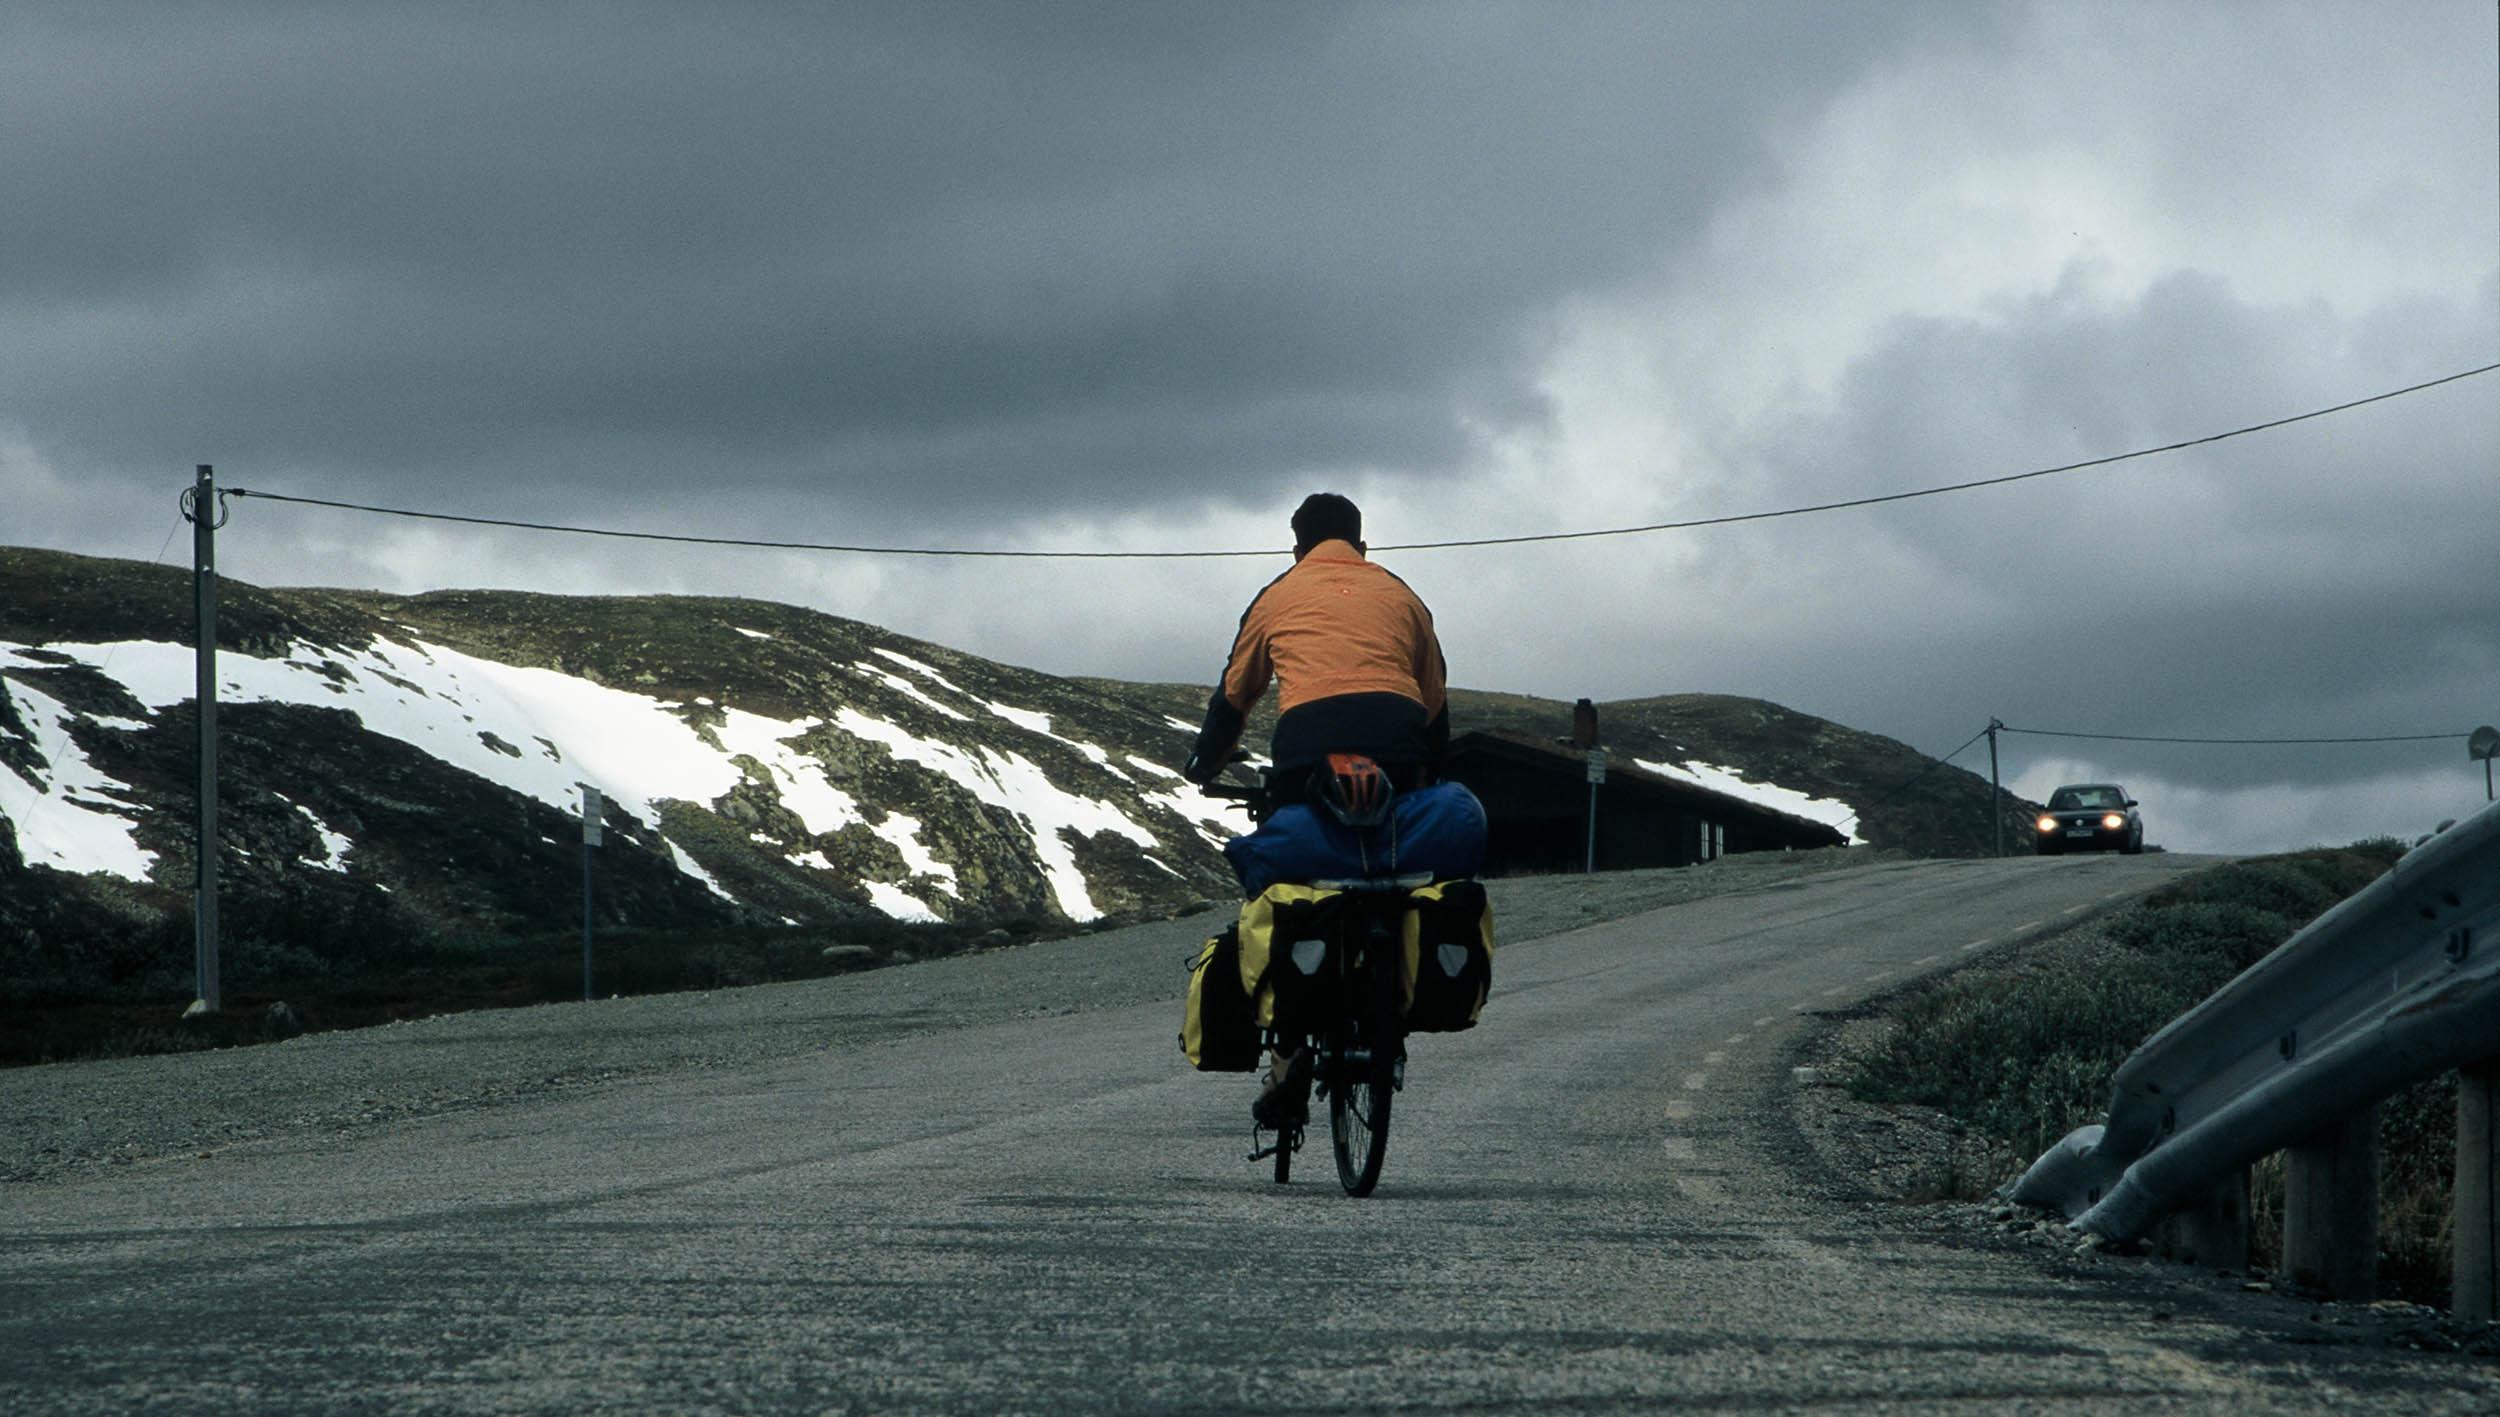 norwegen-maurizio-pass